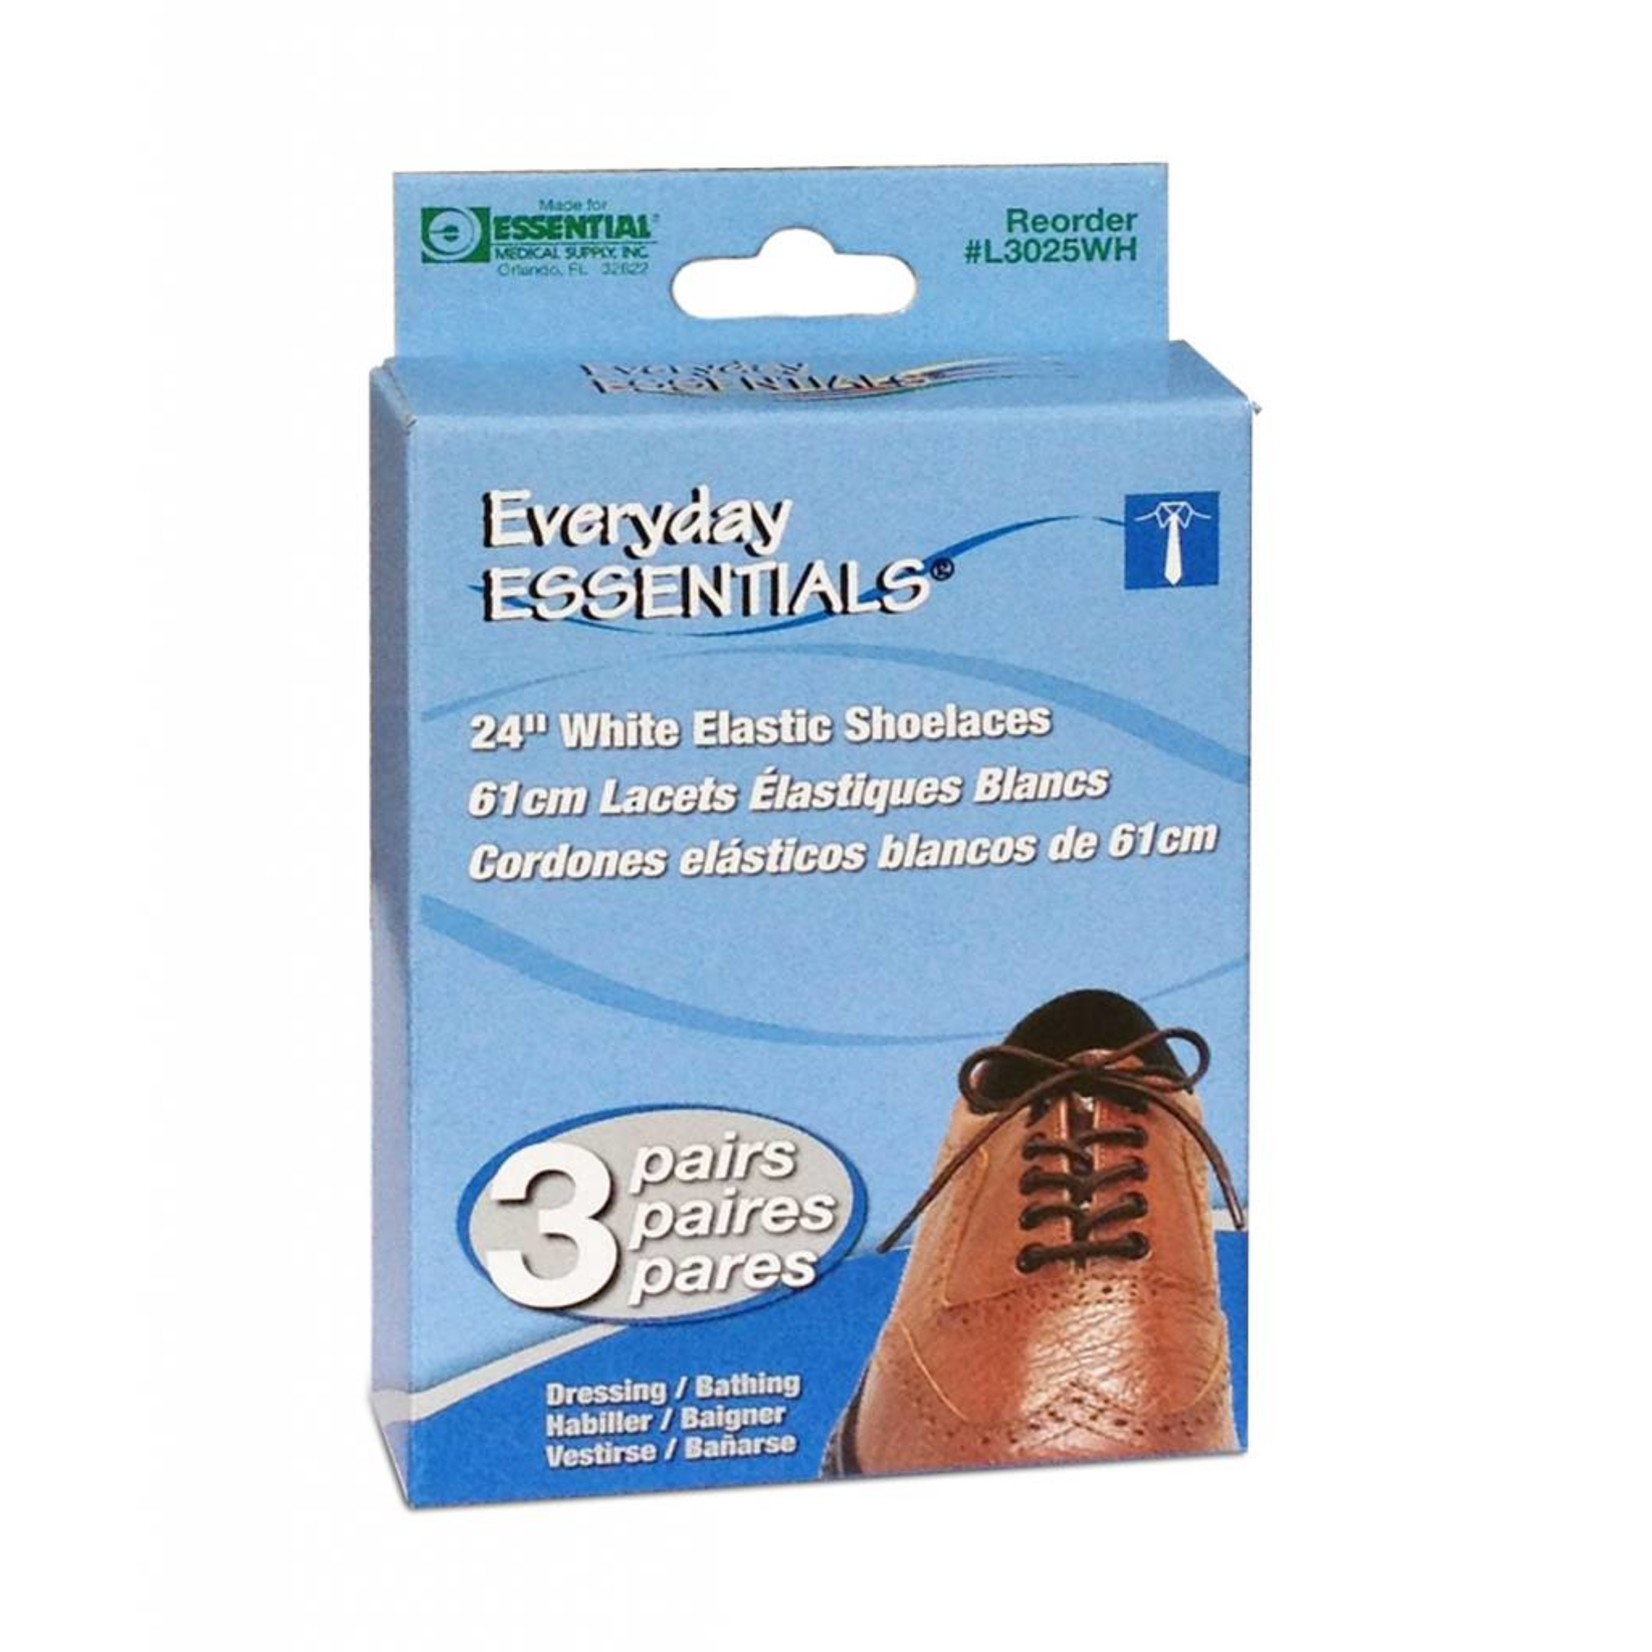 Essential Medical Elastic Shoelaces Black